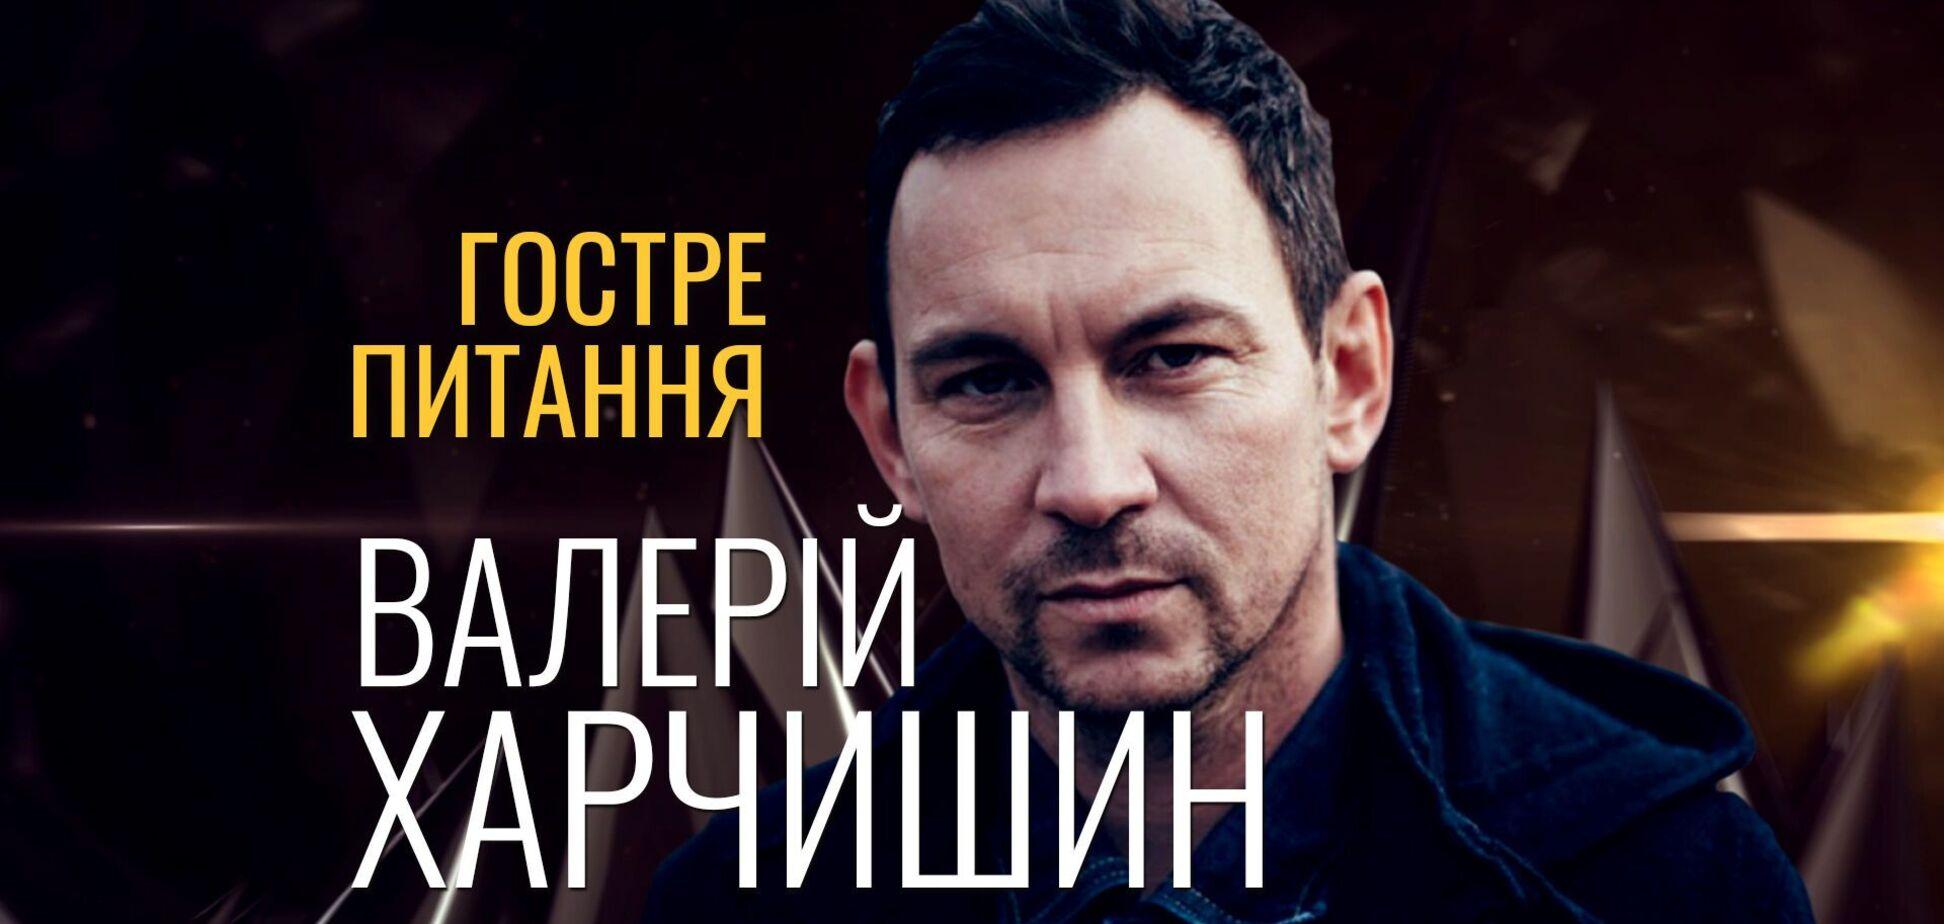 Валерій Харчишин в 'Гострому питанні': музикант – не повія, ми гідністю не торгуємо